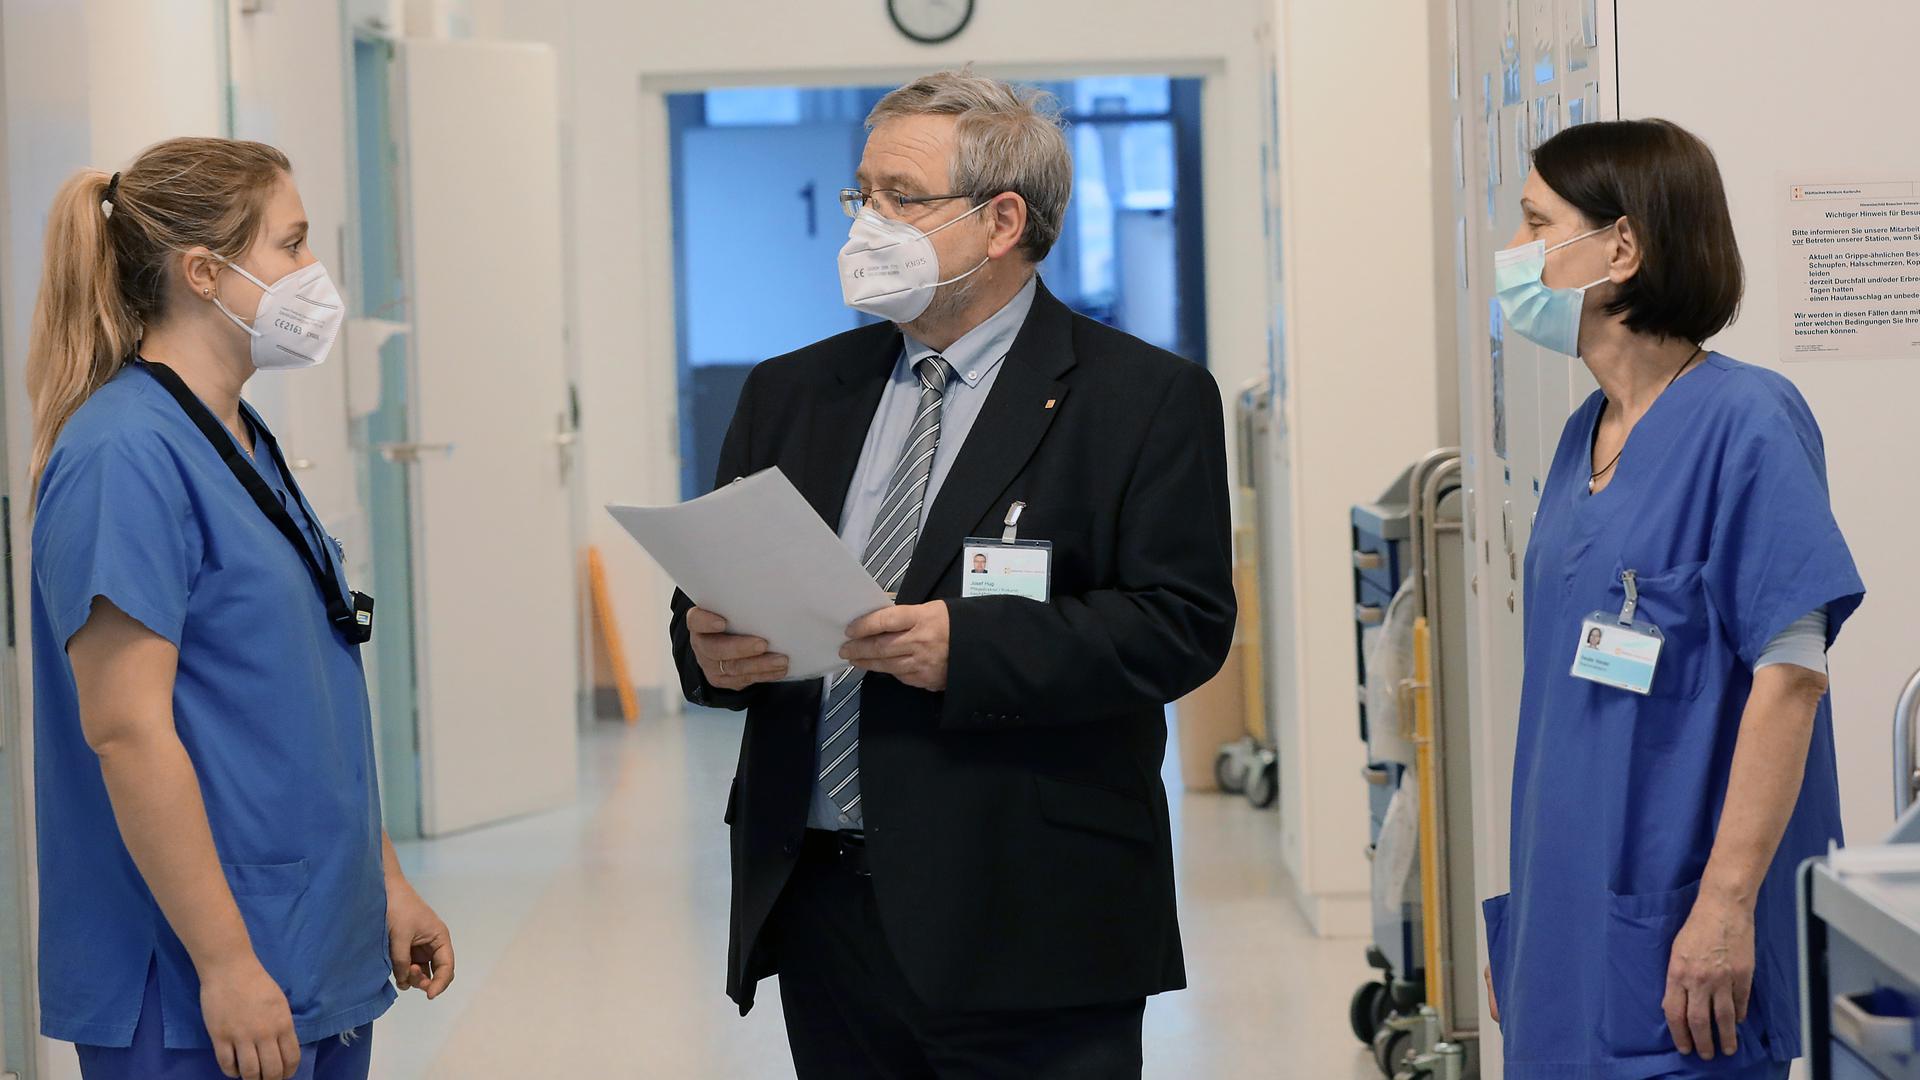 Erfahrungsaustausch: Josef Hug, der ewige  Pflegedirektor am Städtischen, informiert sich bei Merle Voelkle (links) und Beate Wedel auf der Station.